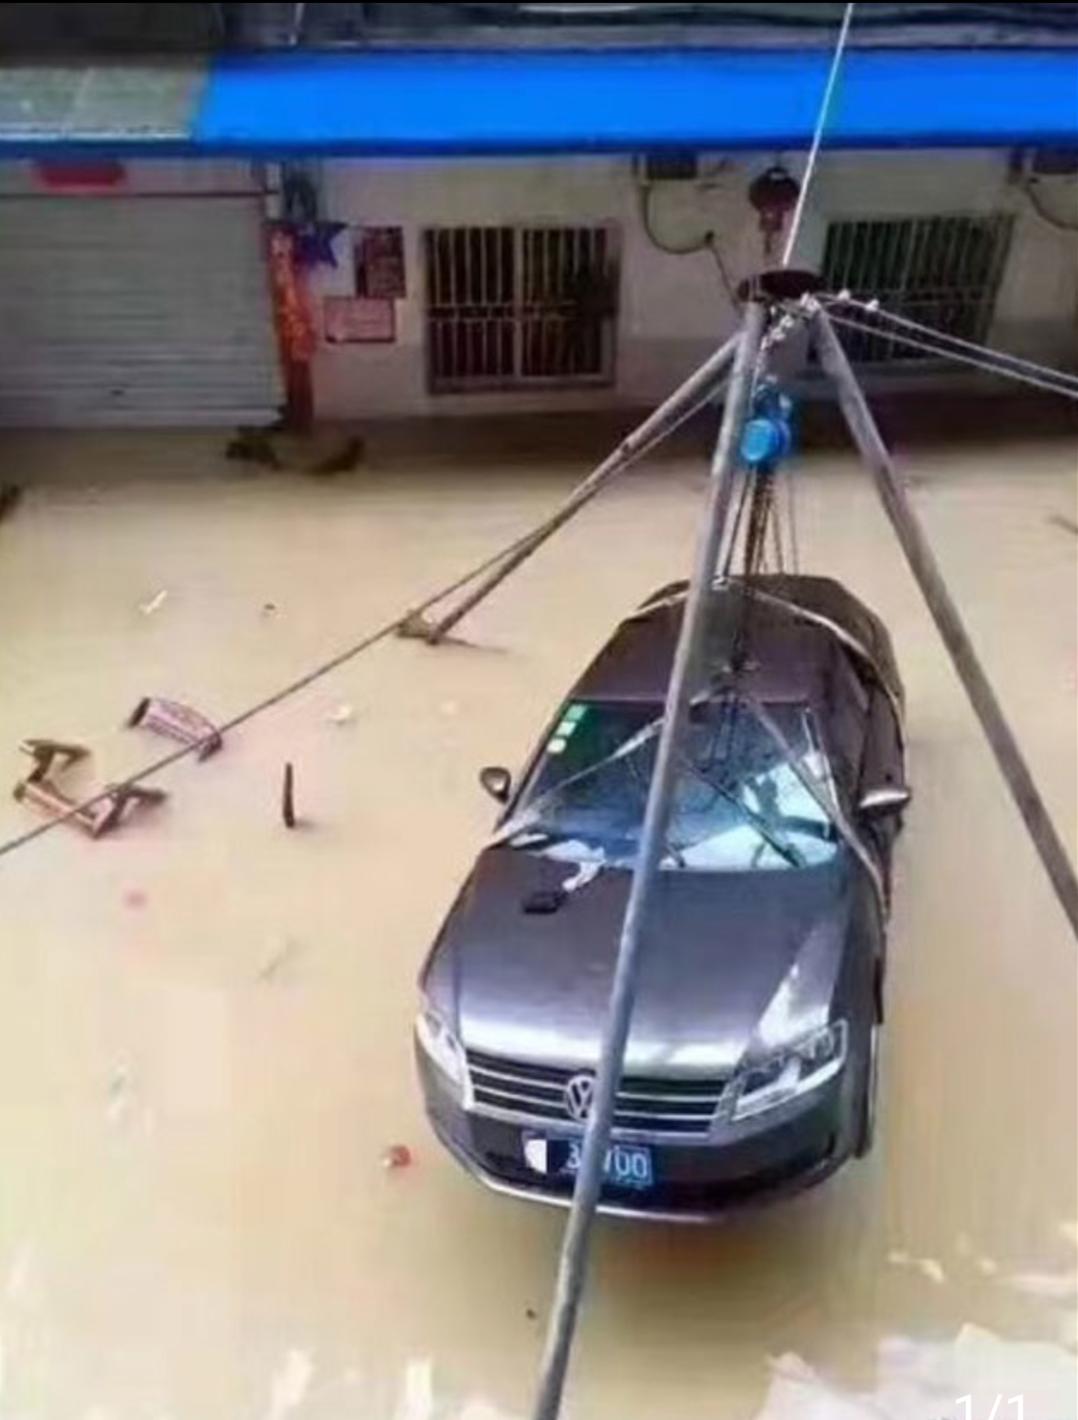 连续雨天,为了不让车泡水,这招够狠的!